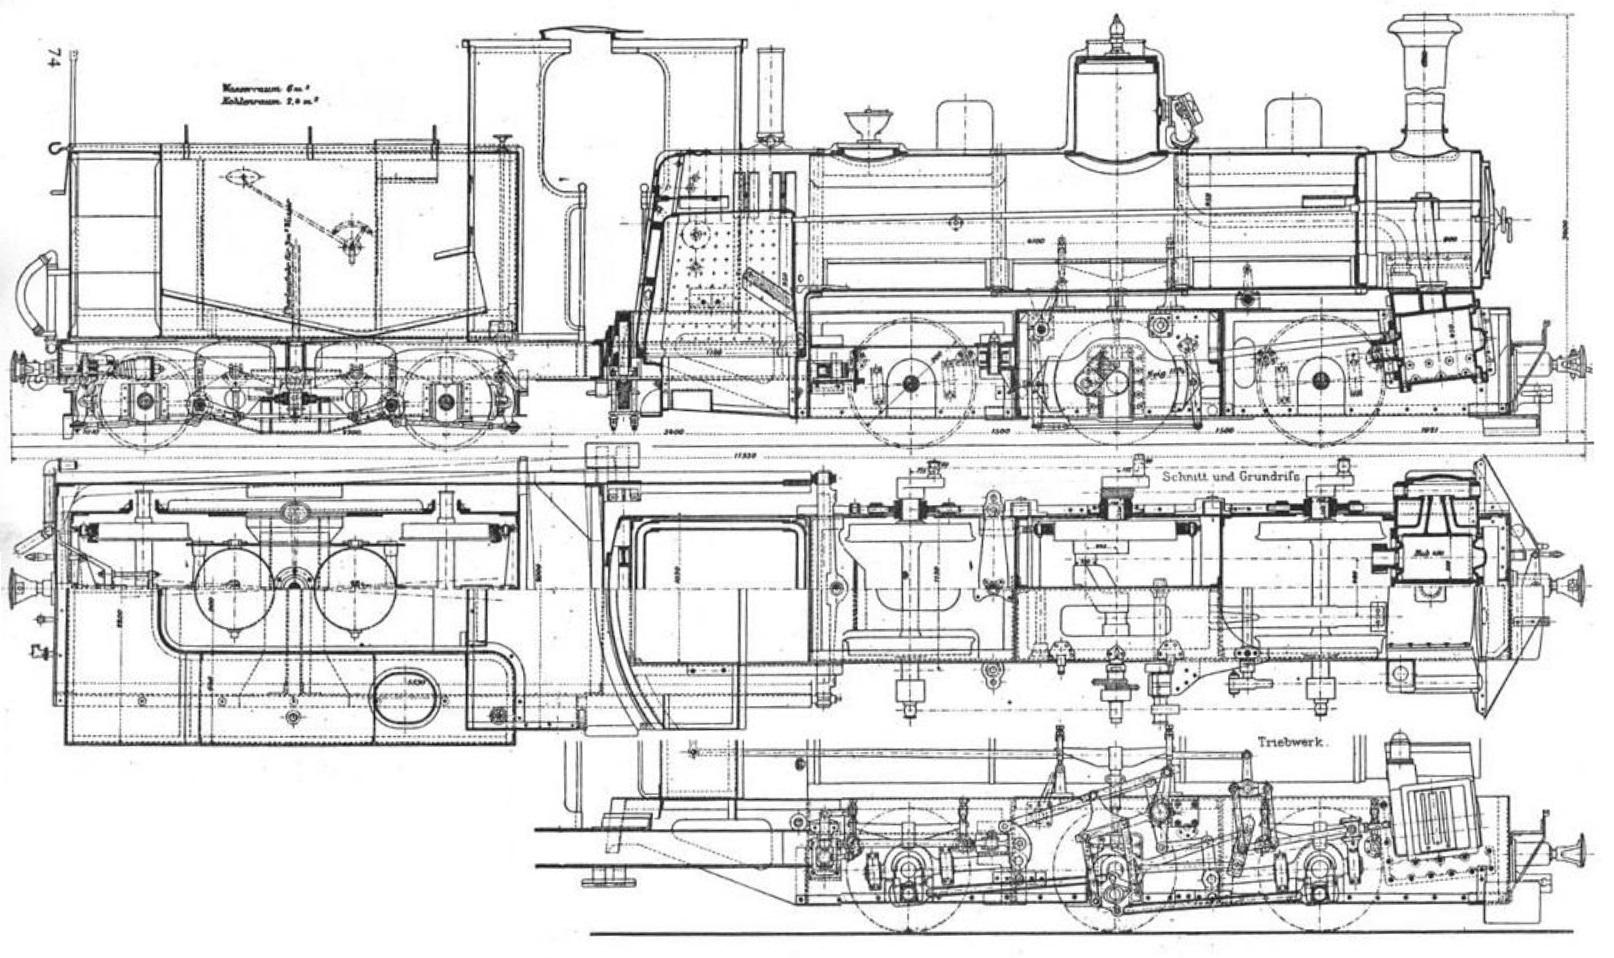 File:BHStB IIIa5 (JDŽ 185) Typenskizze.jpg - Wikimedia Commons